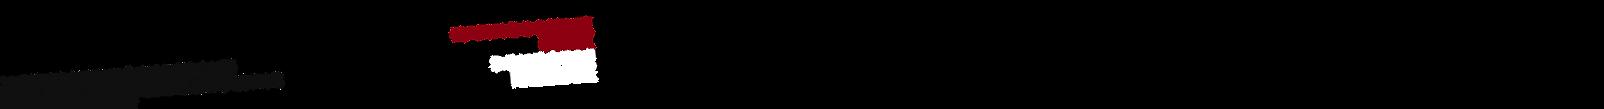 Carrosserie Onex Genève